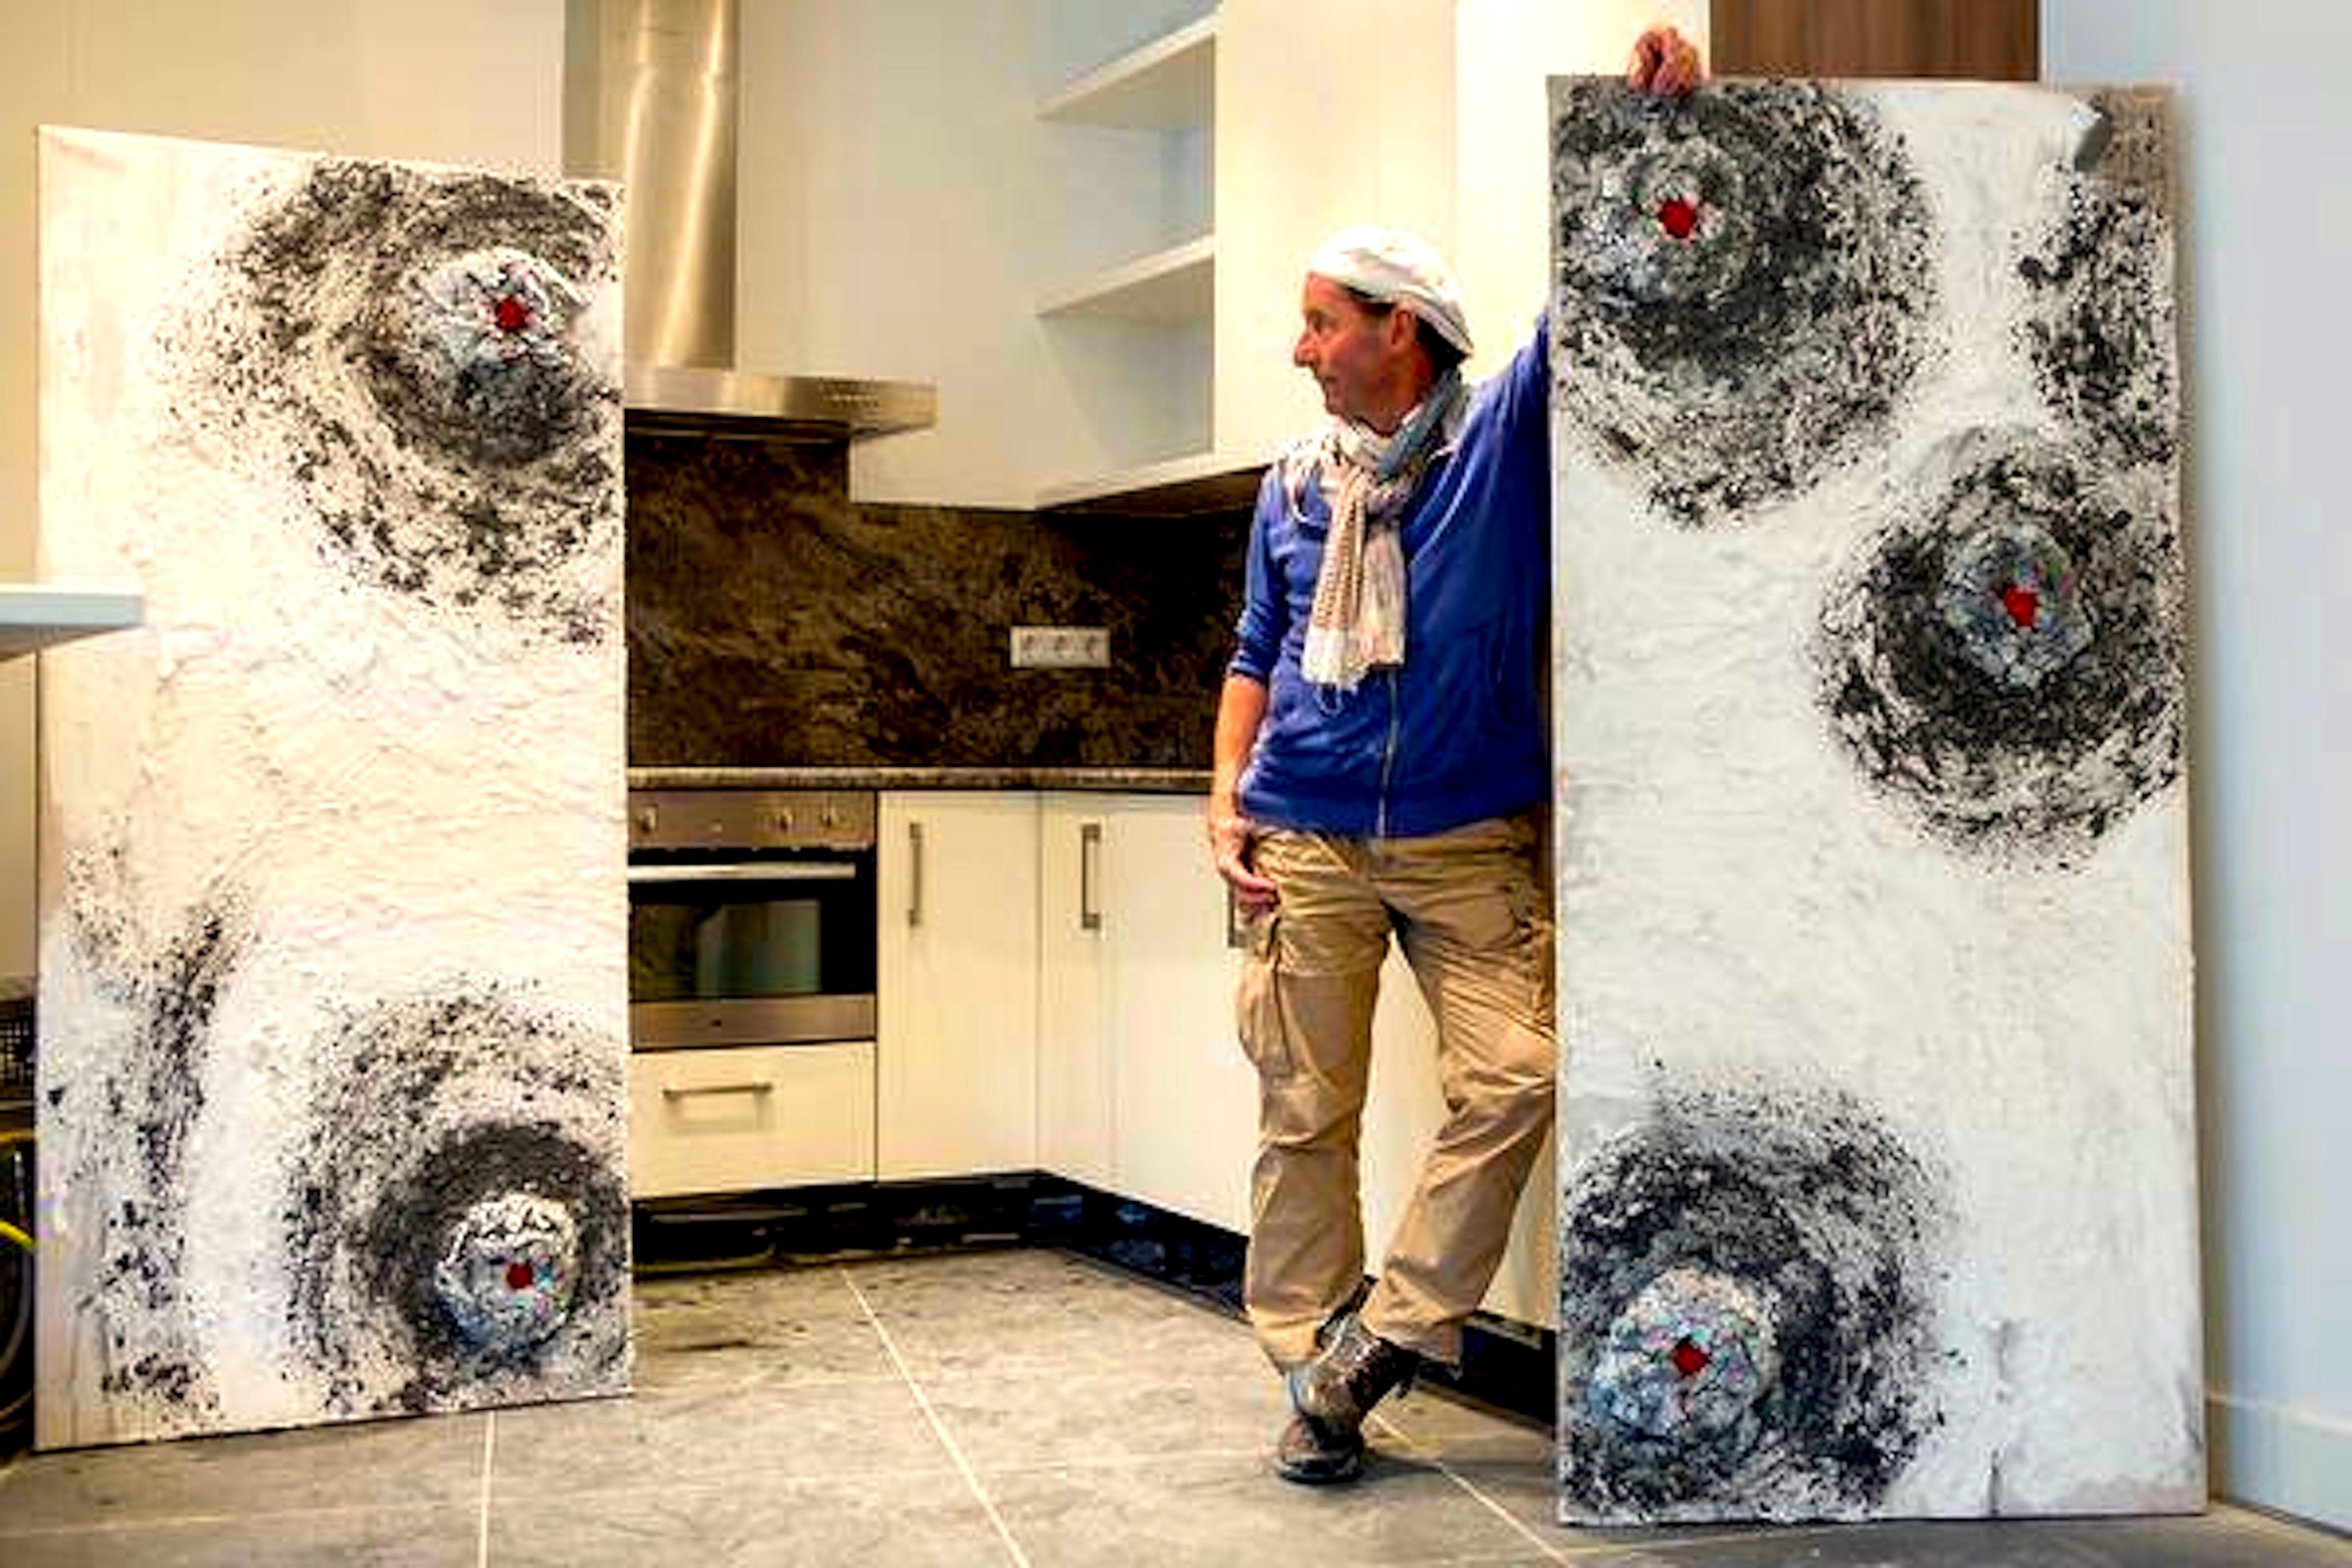 Harold van geerestein met zijn kunst in de keuken foto for Kunst keuken